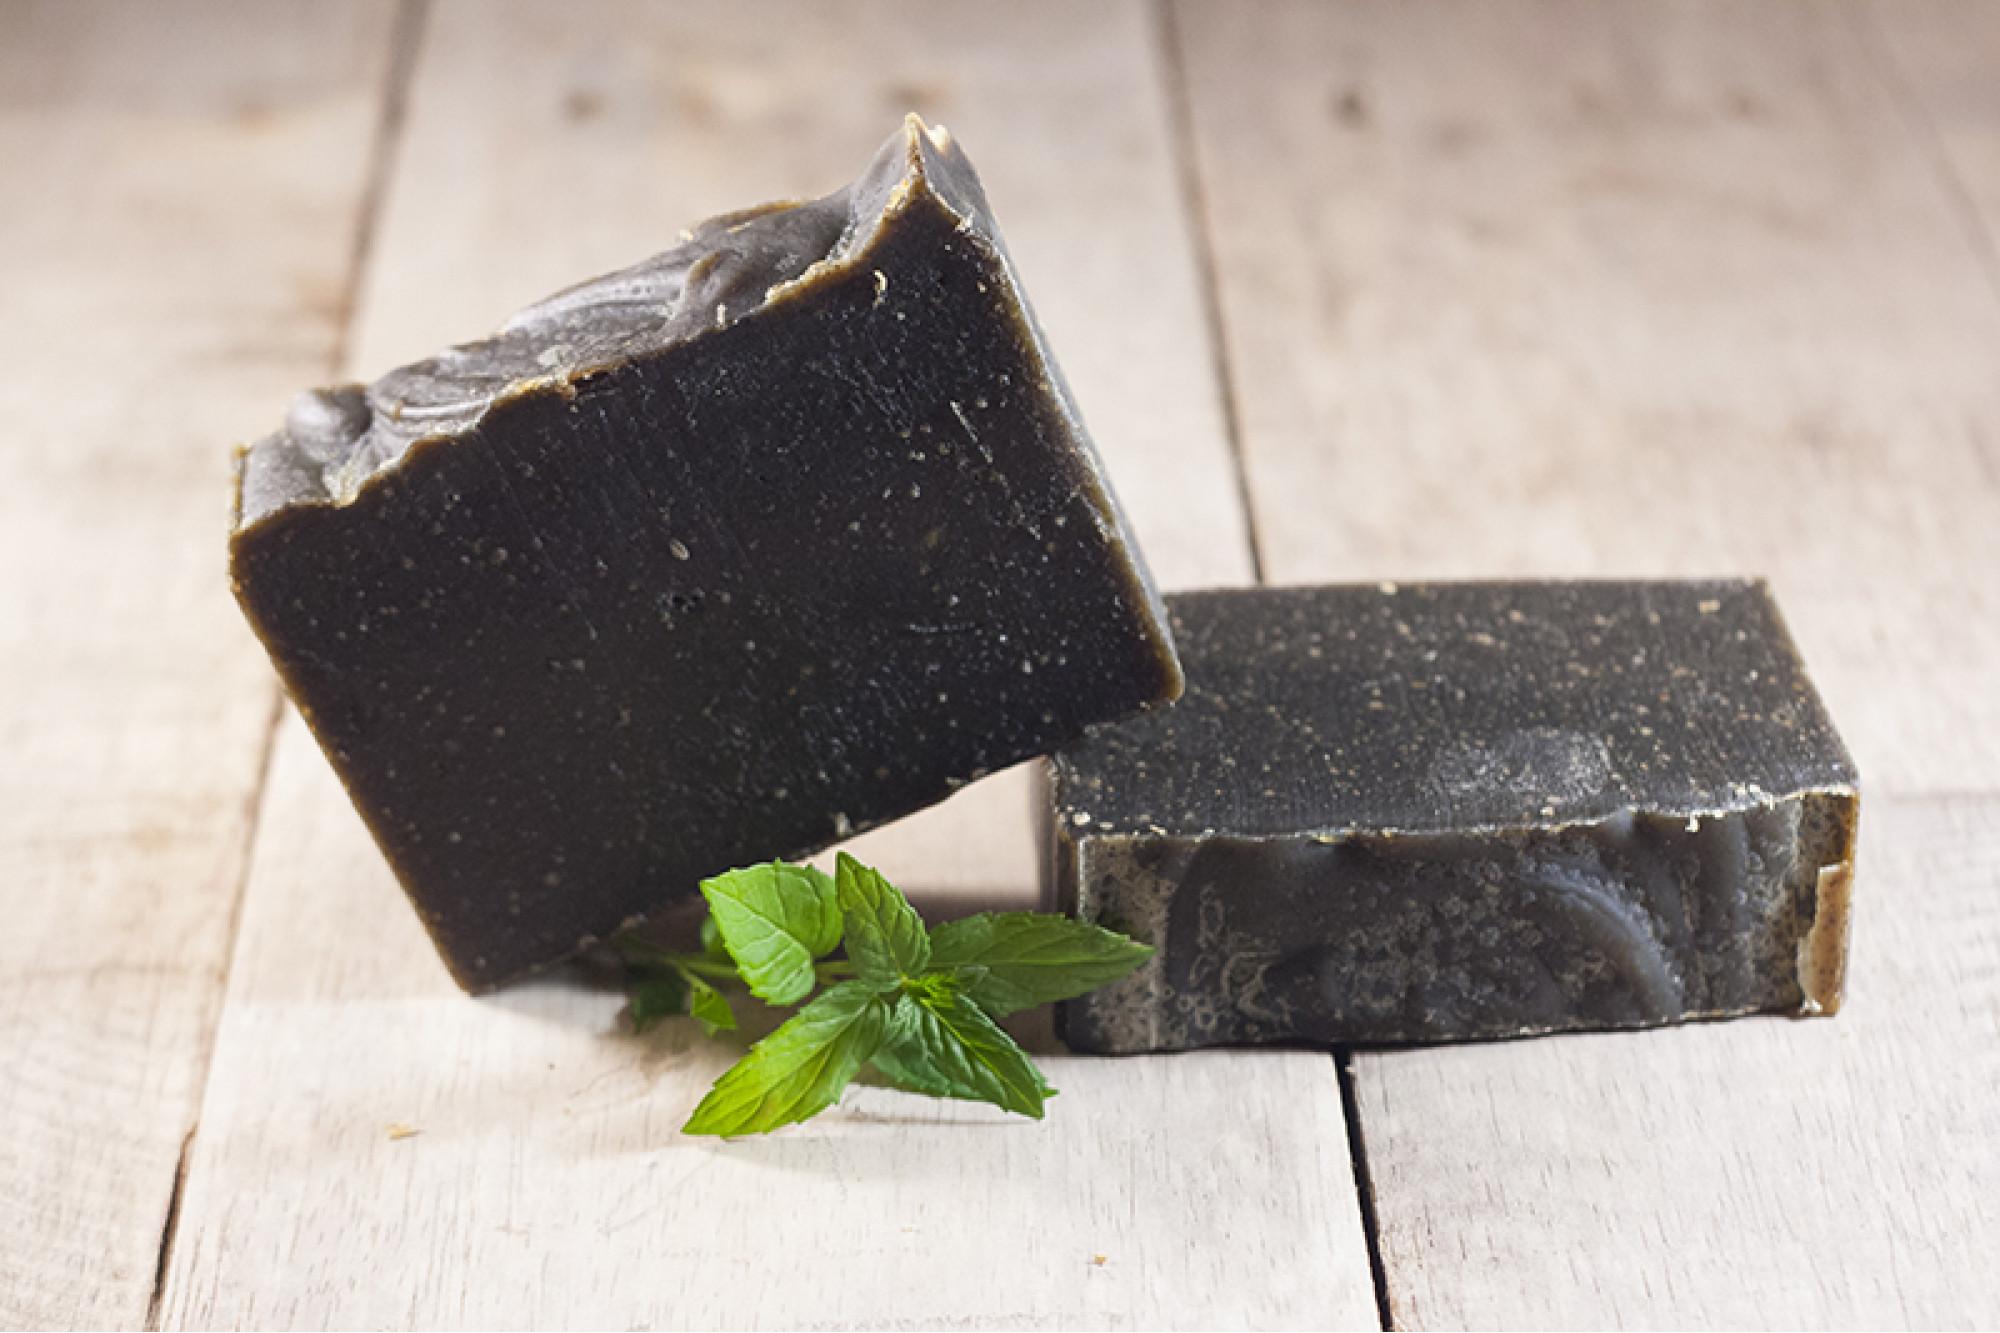 Şampon cu pudră de amla, mentă, urzică și mușețel - păr normal & gras - Shampoo Aroma | Endea - Tested on friends